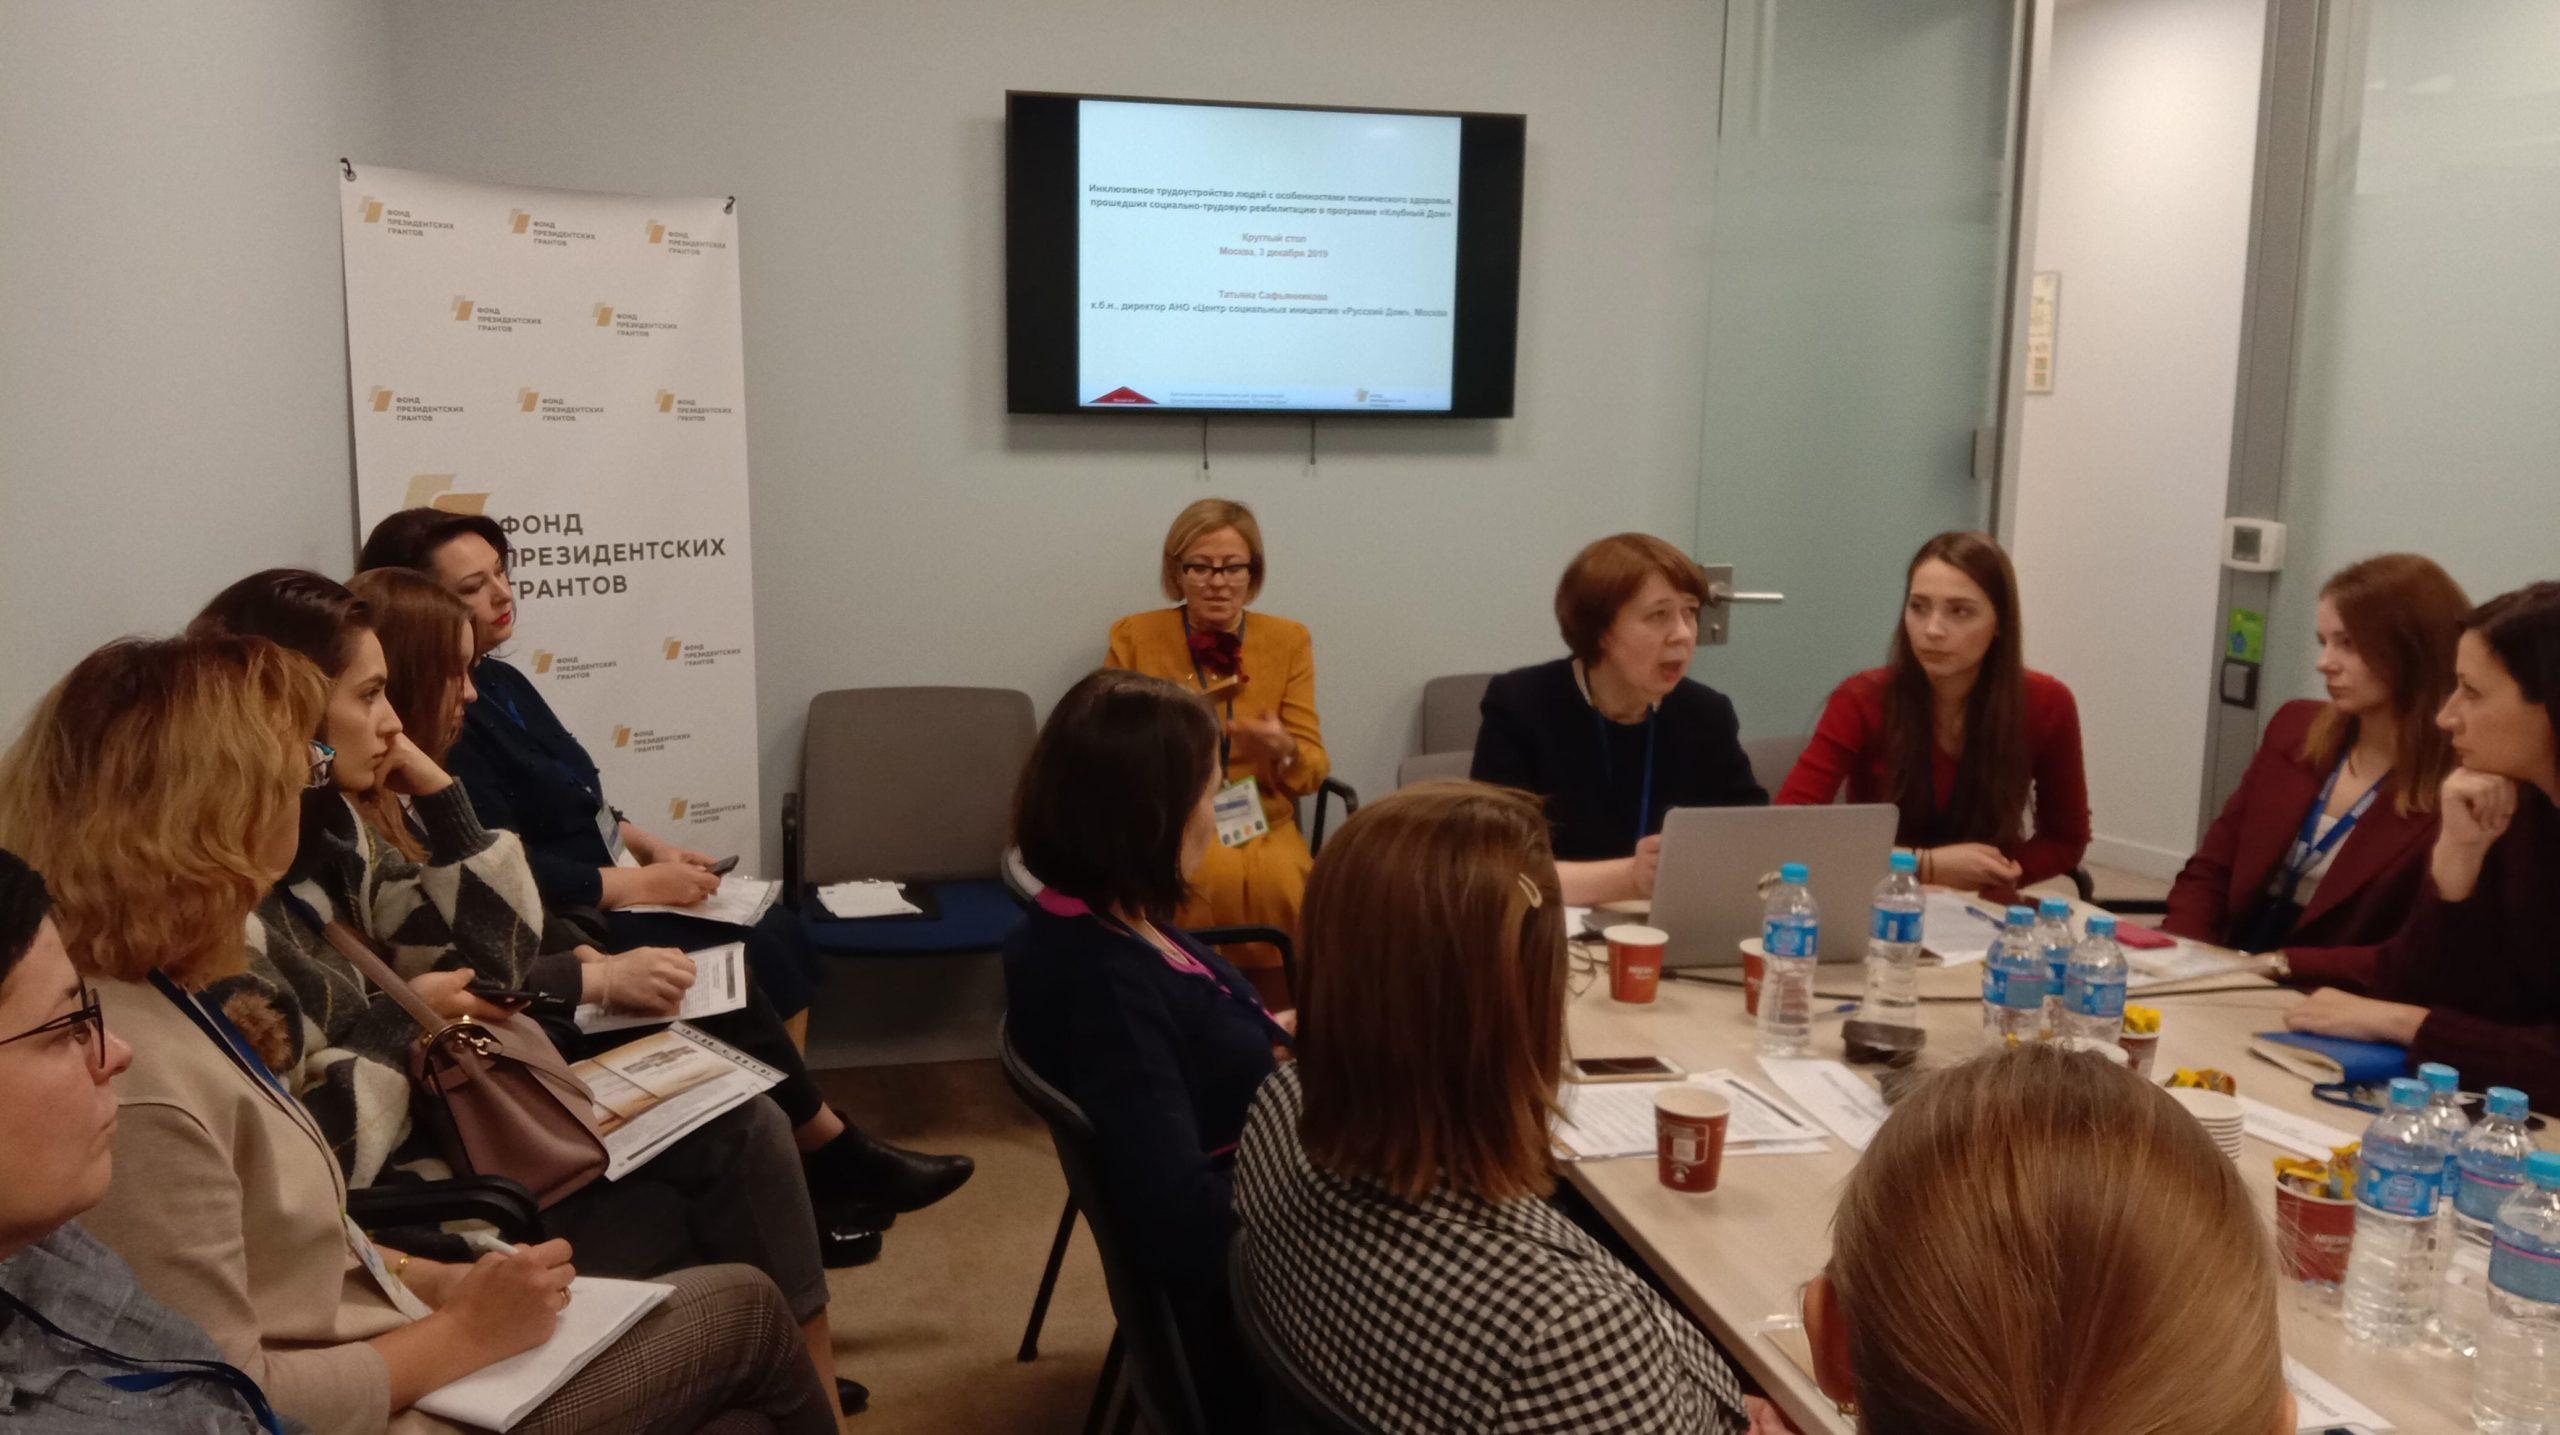 «Русский Дом» презентовал программу трудоустройства людей с особенностями психического здоровья